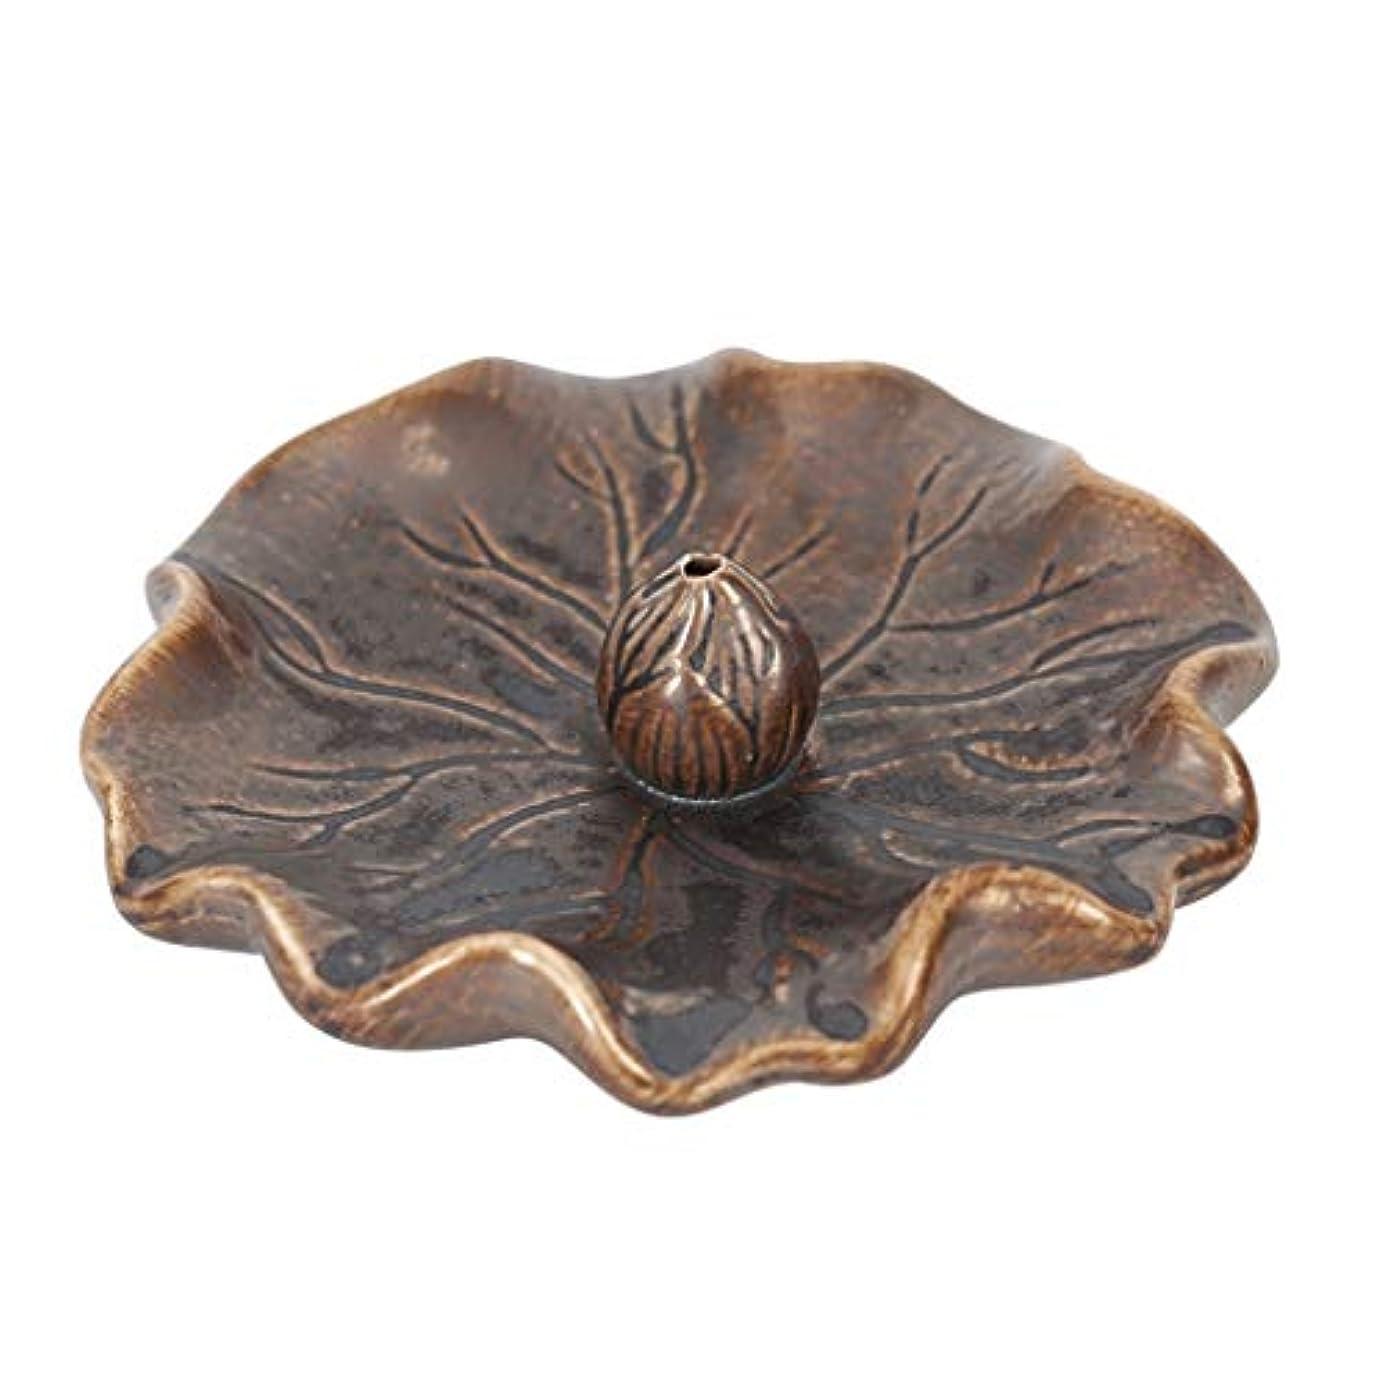 神絶滅エロチックライン香バーナー蓮の葉アンティーク香ホルダービャクダン炉ホーム屋内香りの良い皿セラミック香ホルダー (Color : Brass, サイズ : 4.52*1.18inchs)